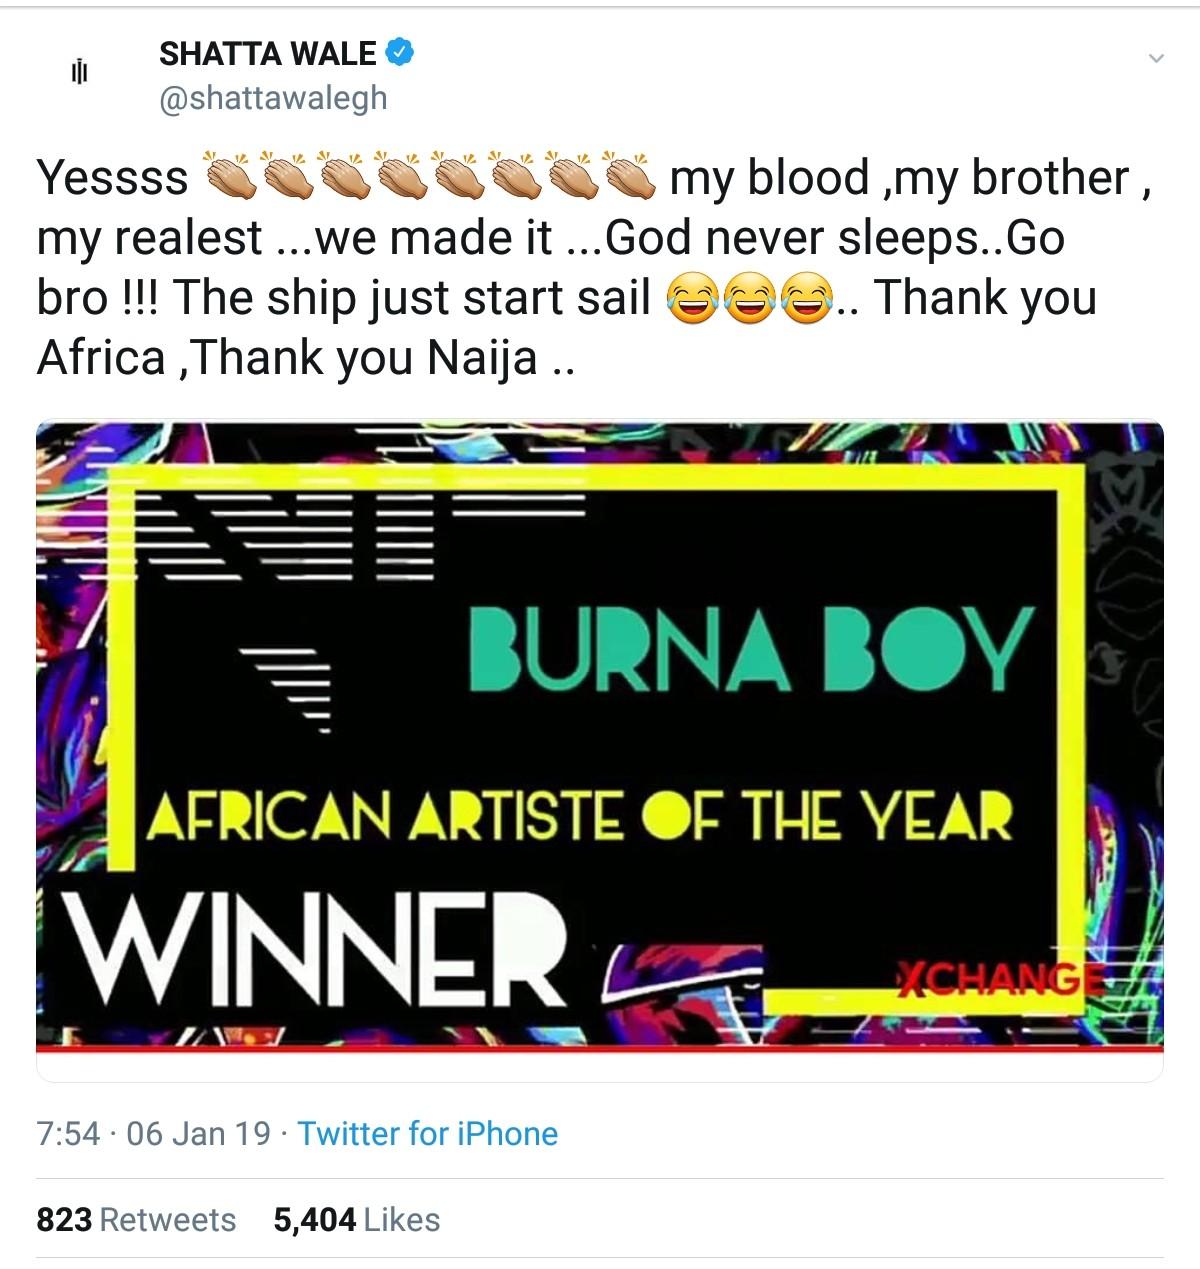 Shatta Wale Congratulates Burna Boy